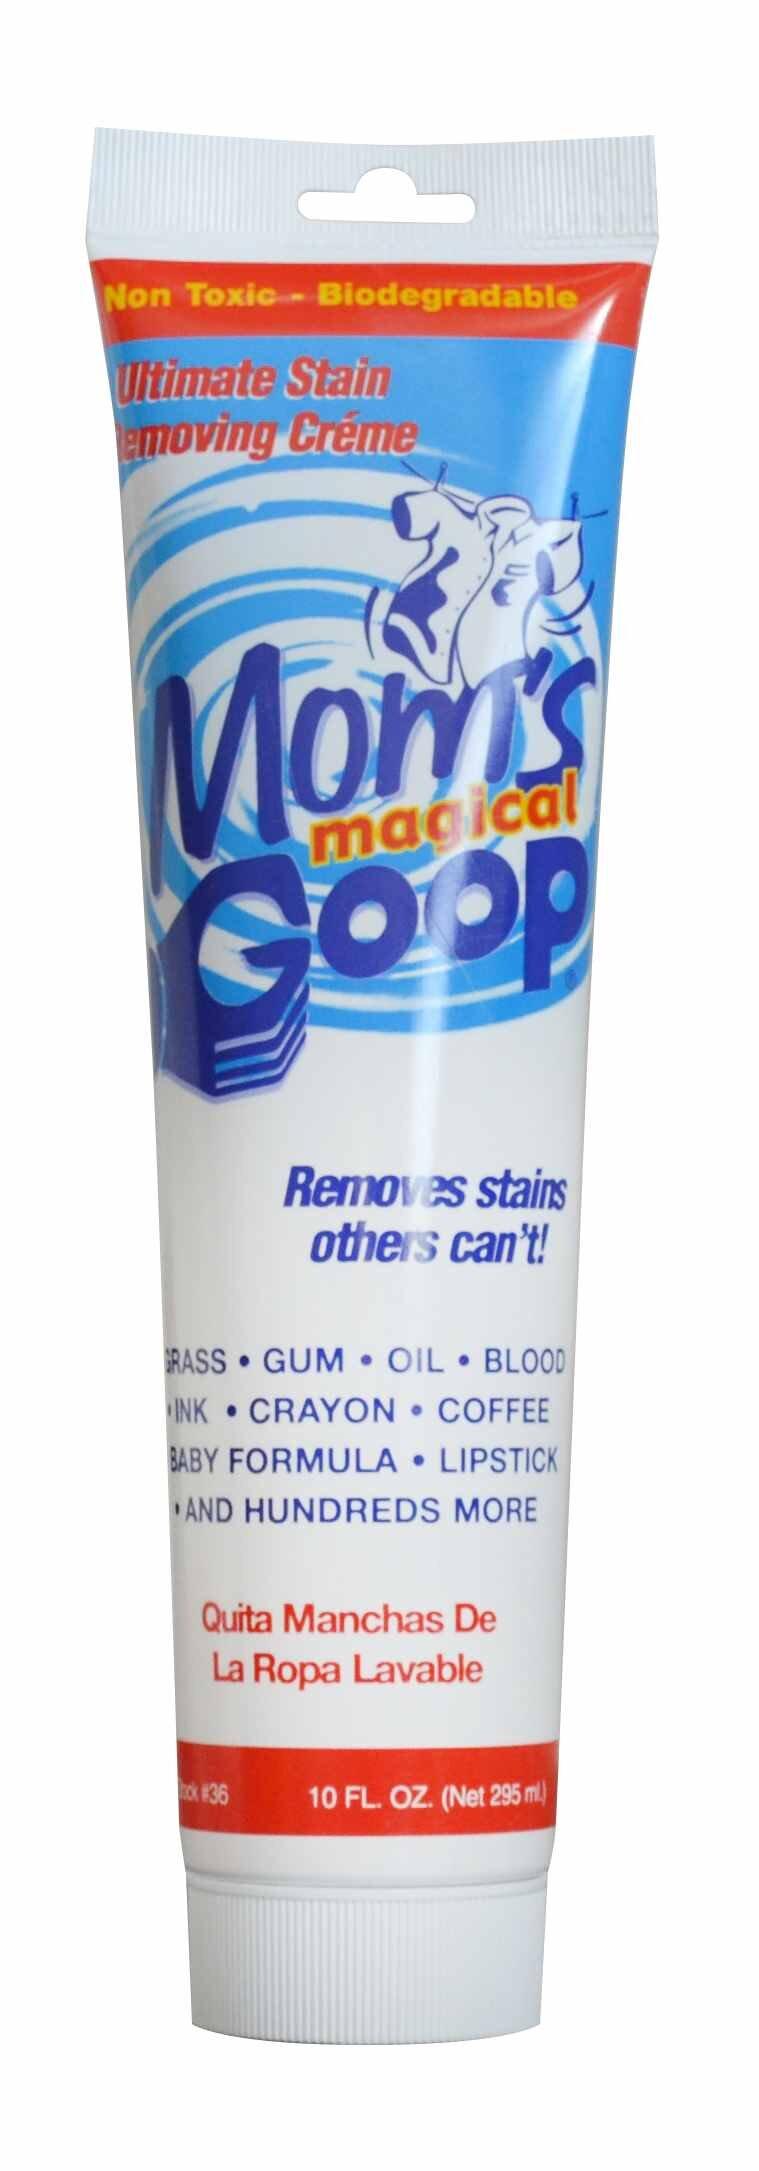 Moms 36.jpg